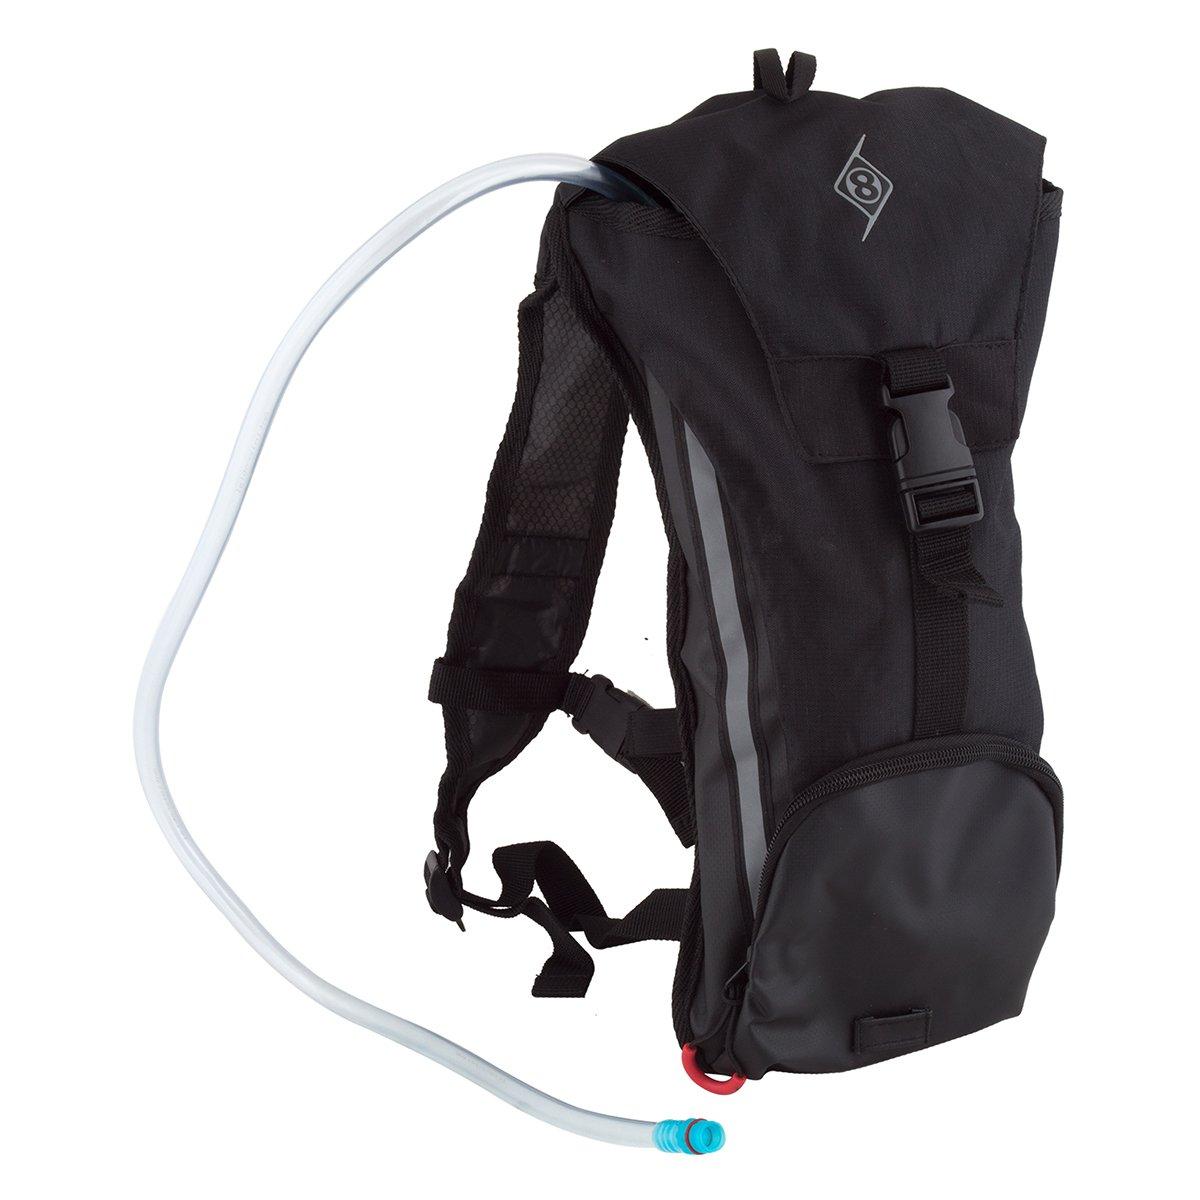 Bag Or8 Hydration Fluid 3.0 Bk/Gy W/3.0l Blader by Origin8   B0186P0WNK